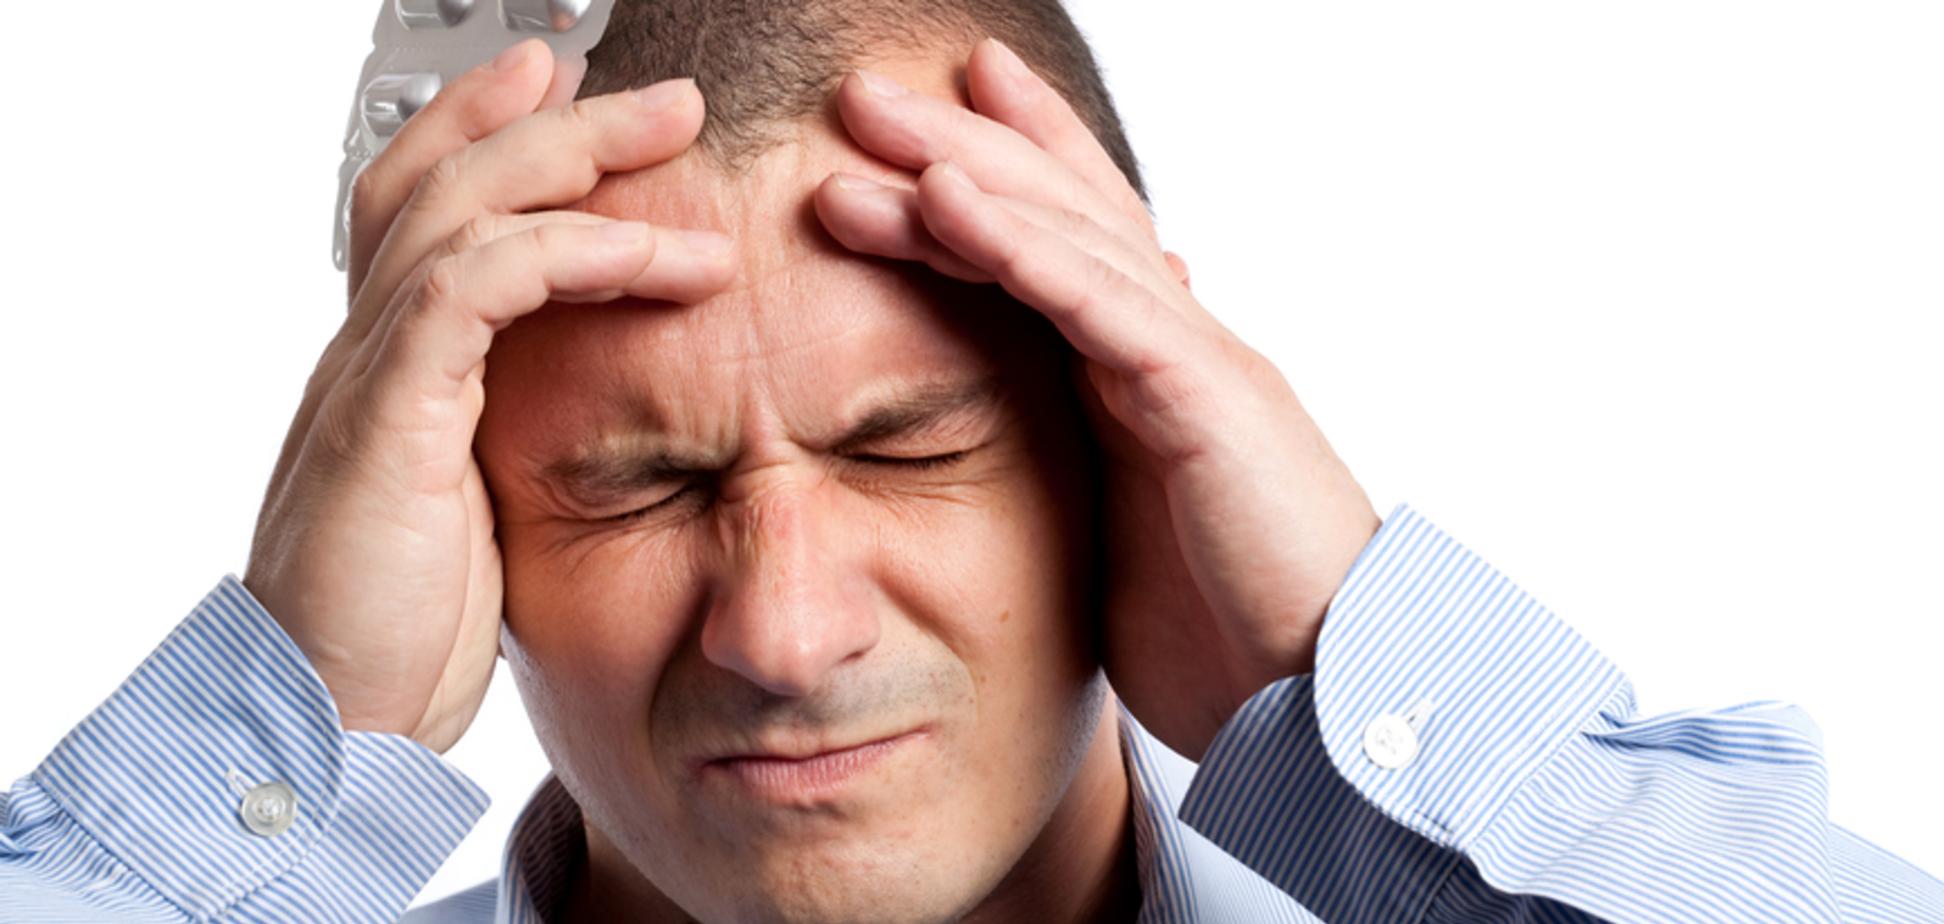 Гіпертонічний криз: як запобігти розвитку хвороби